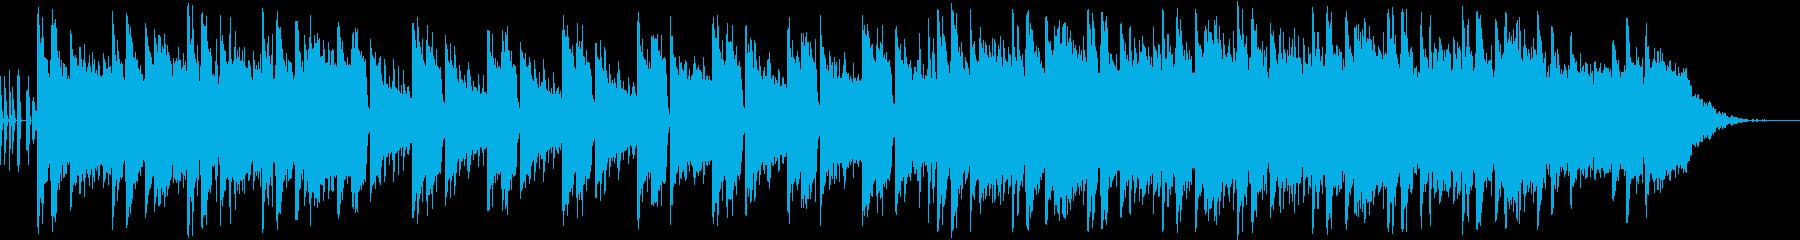 夜に溶けていくチルアウトBGMの再生済みの波形